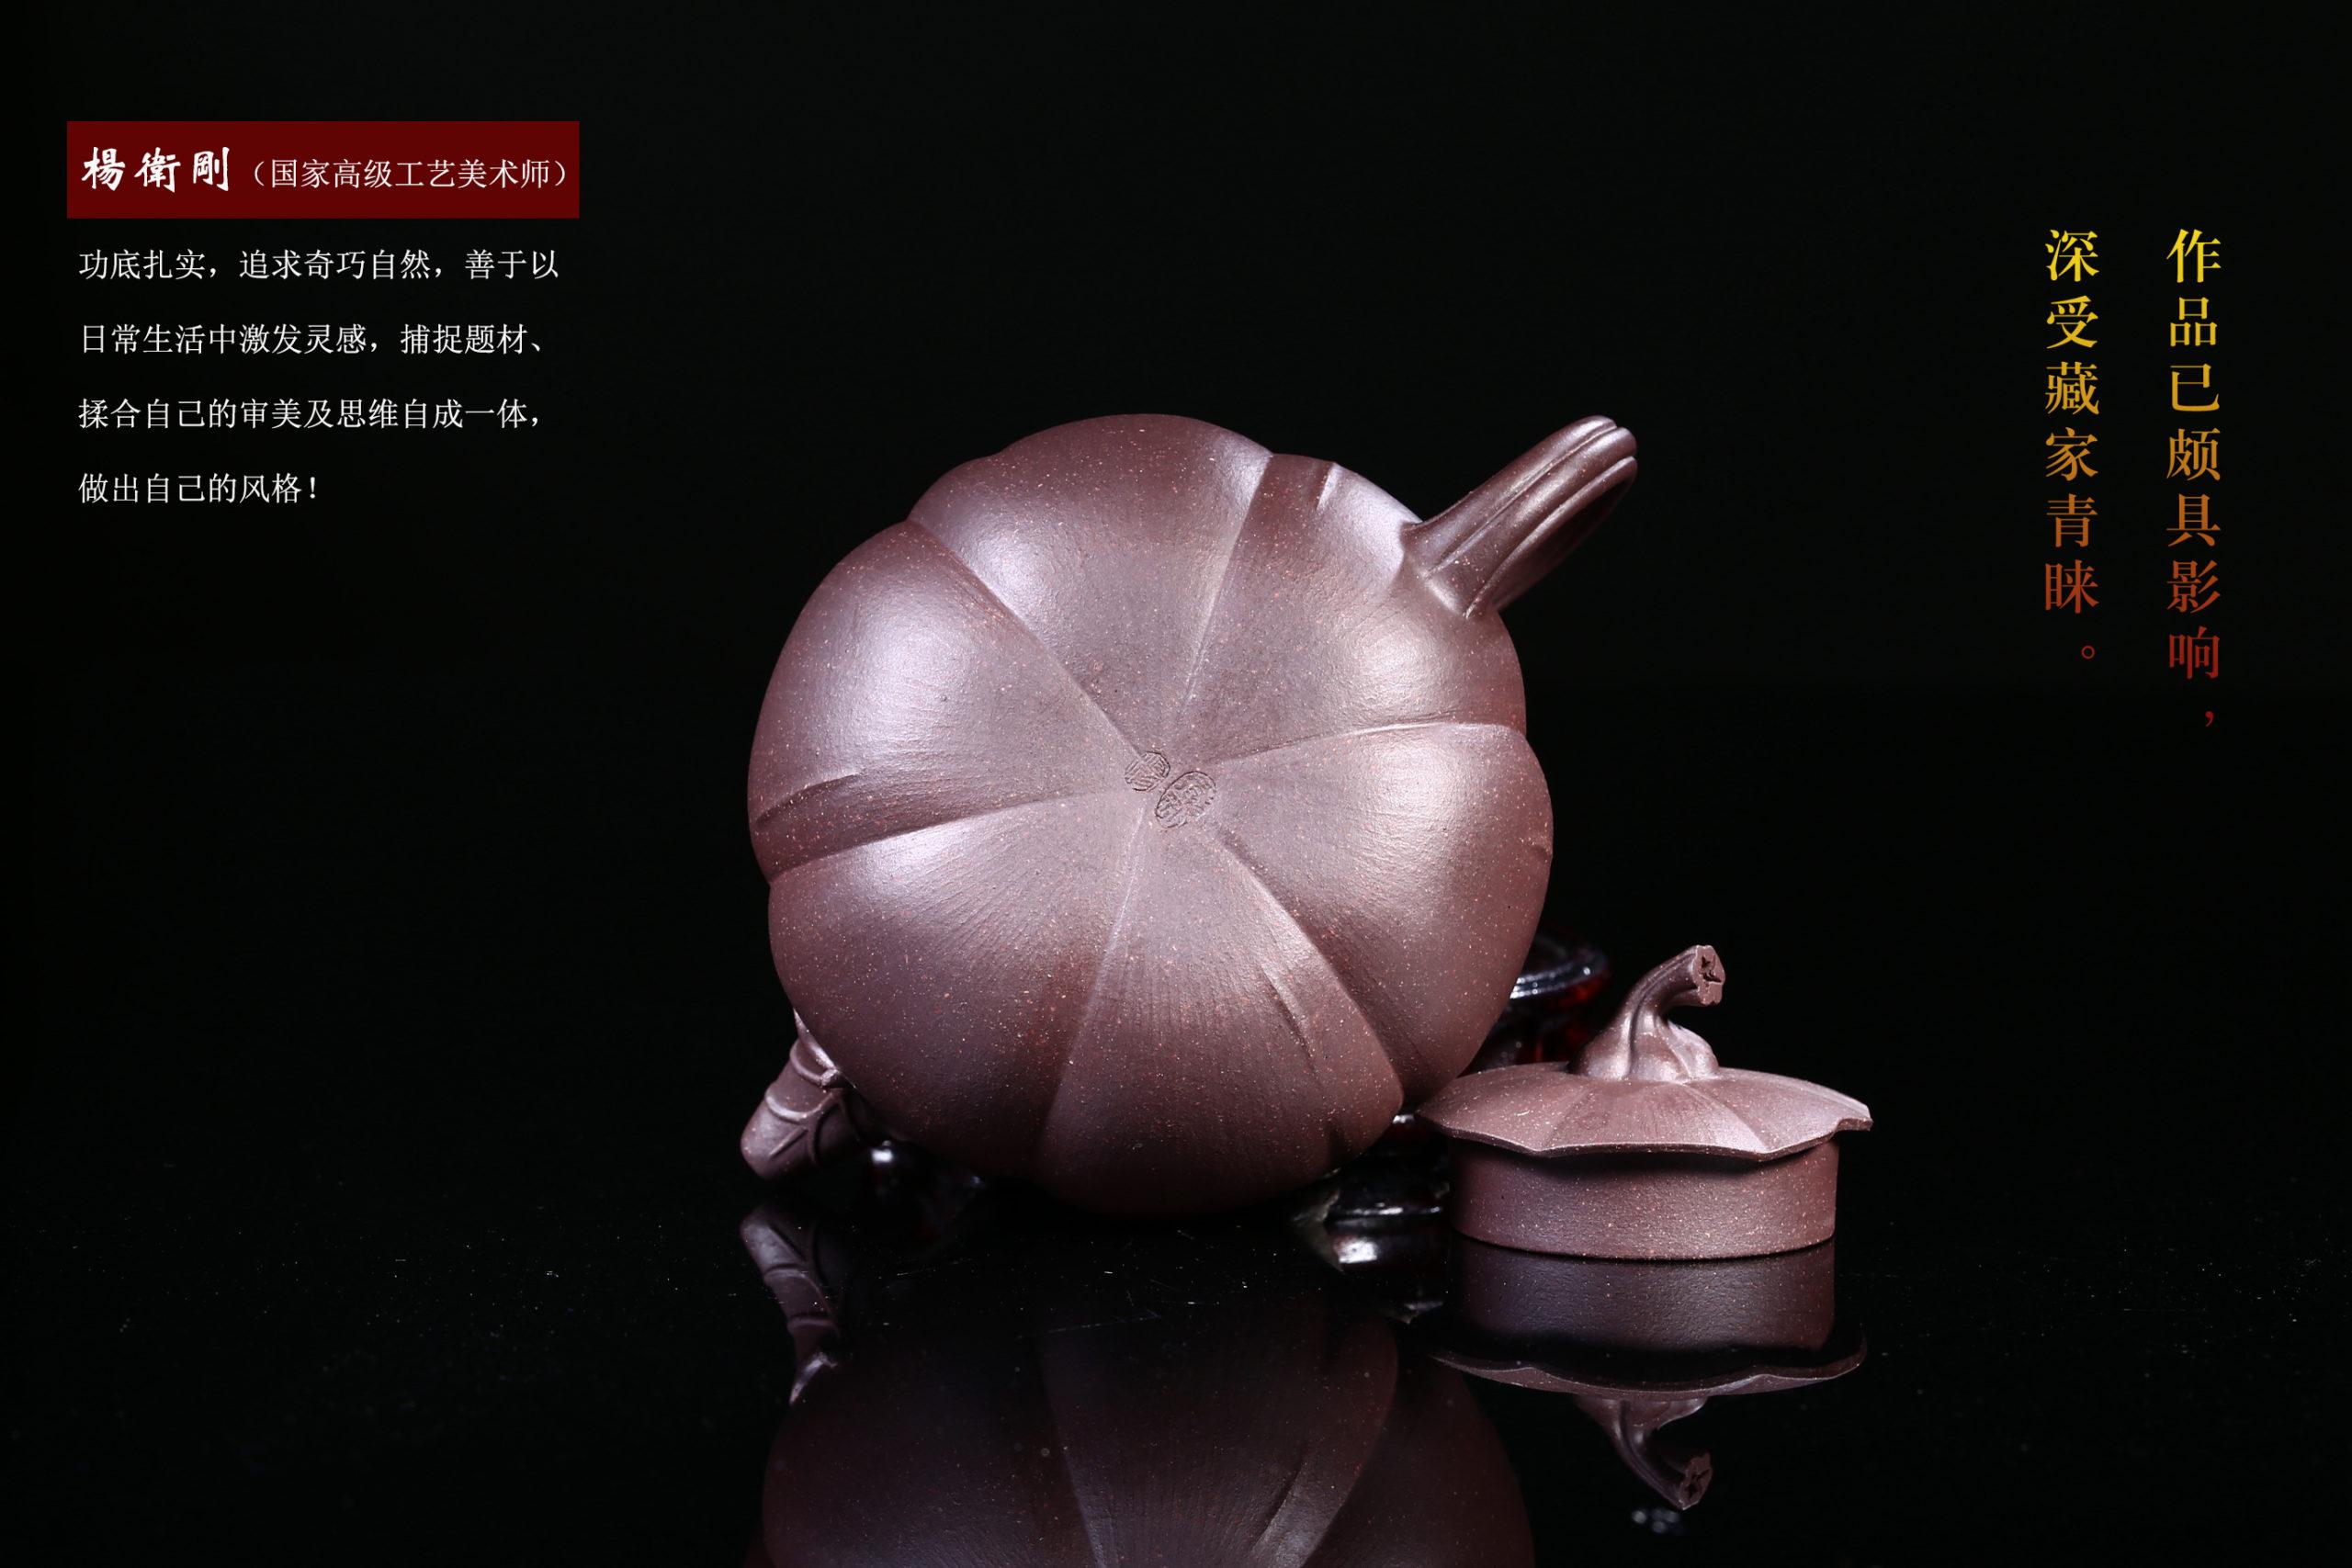 紫砂鉴赏丨杨卫刚·南瓜壶